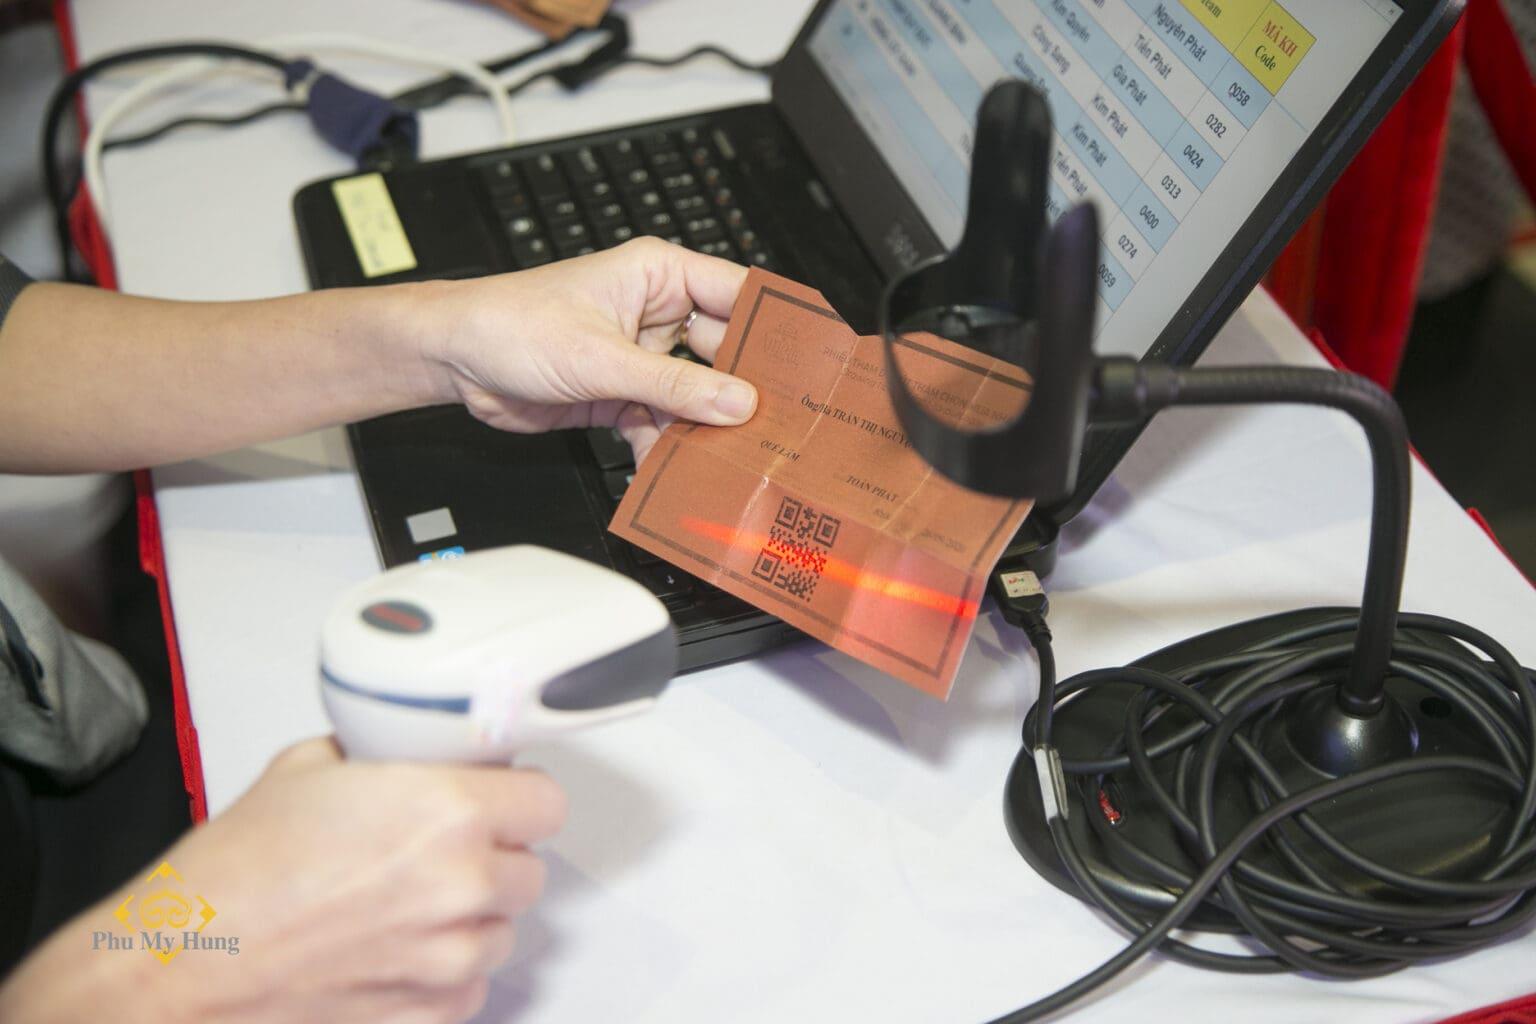 """Sau may mắn ở """"vòng 1"""" – bốc thăm ngẫu nhiên, khách hàng sẽ cầm lá thăm của mình đến """"vòng 2"""" – chọn sản phẩm. Chỉ khách hàng có thăm mới vào khu vực này. Hệ thống quét mã """"QR code"""" được triển khai đồng bộ tại toàn bộ các khu vực: check-in, chọn sản phẩm… để đảm bảo quy trình giao dịch nhịp nhàng và công bằng."""